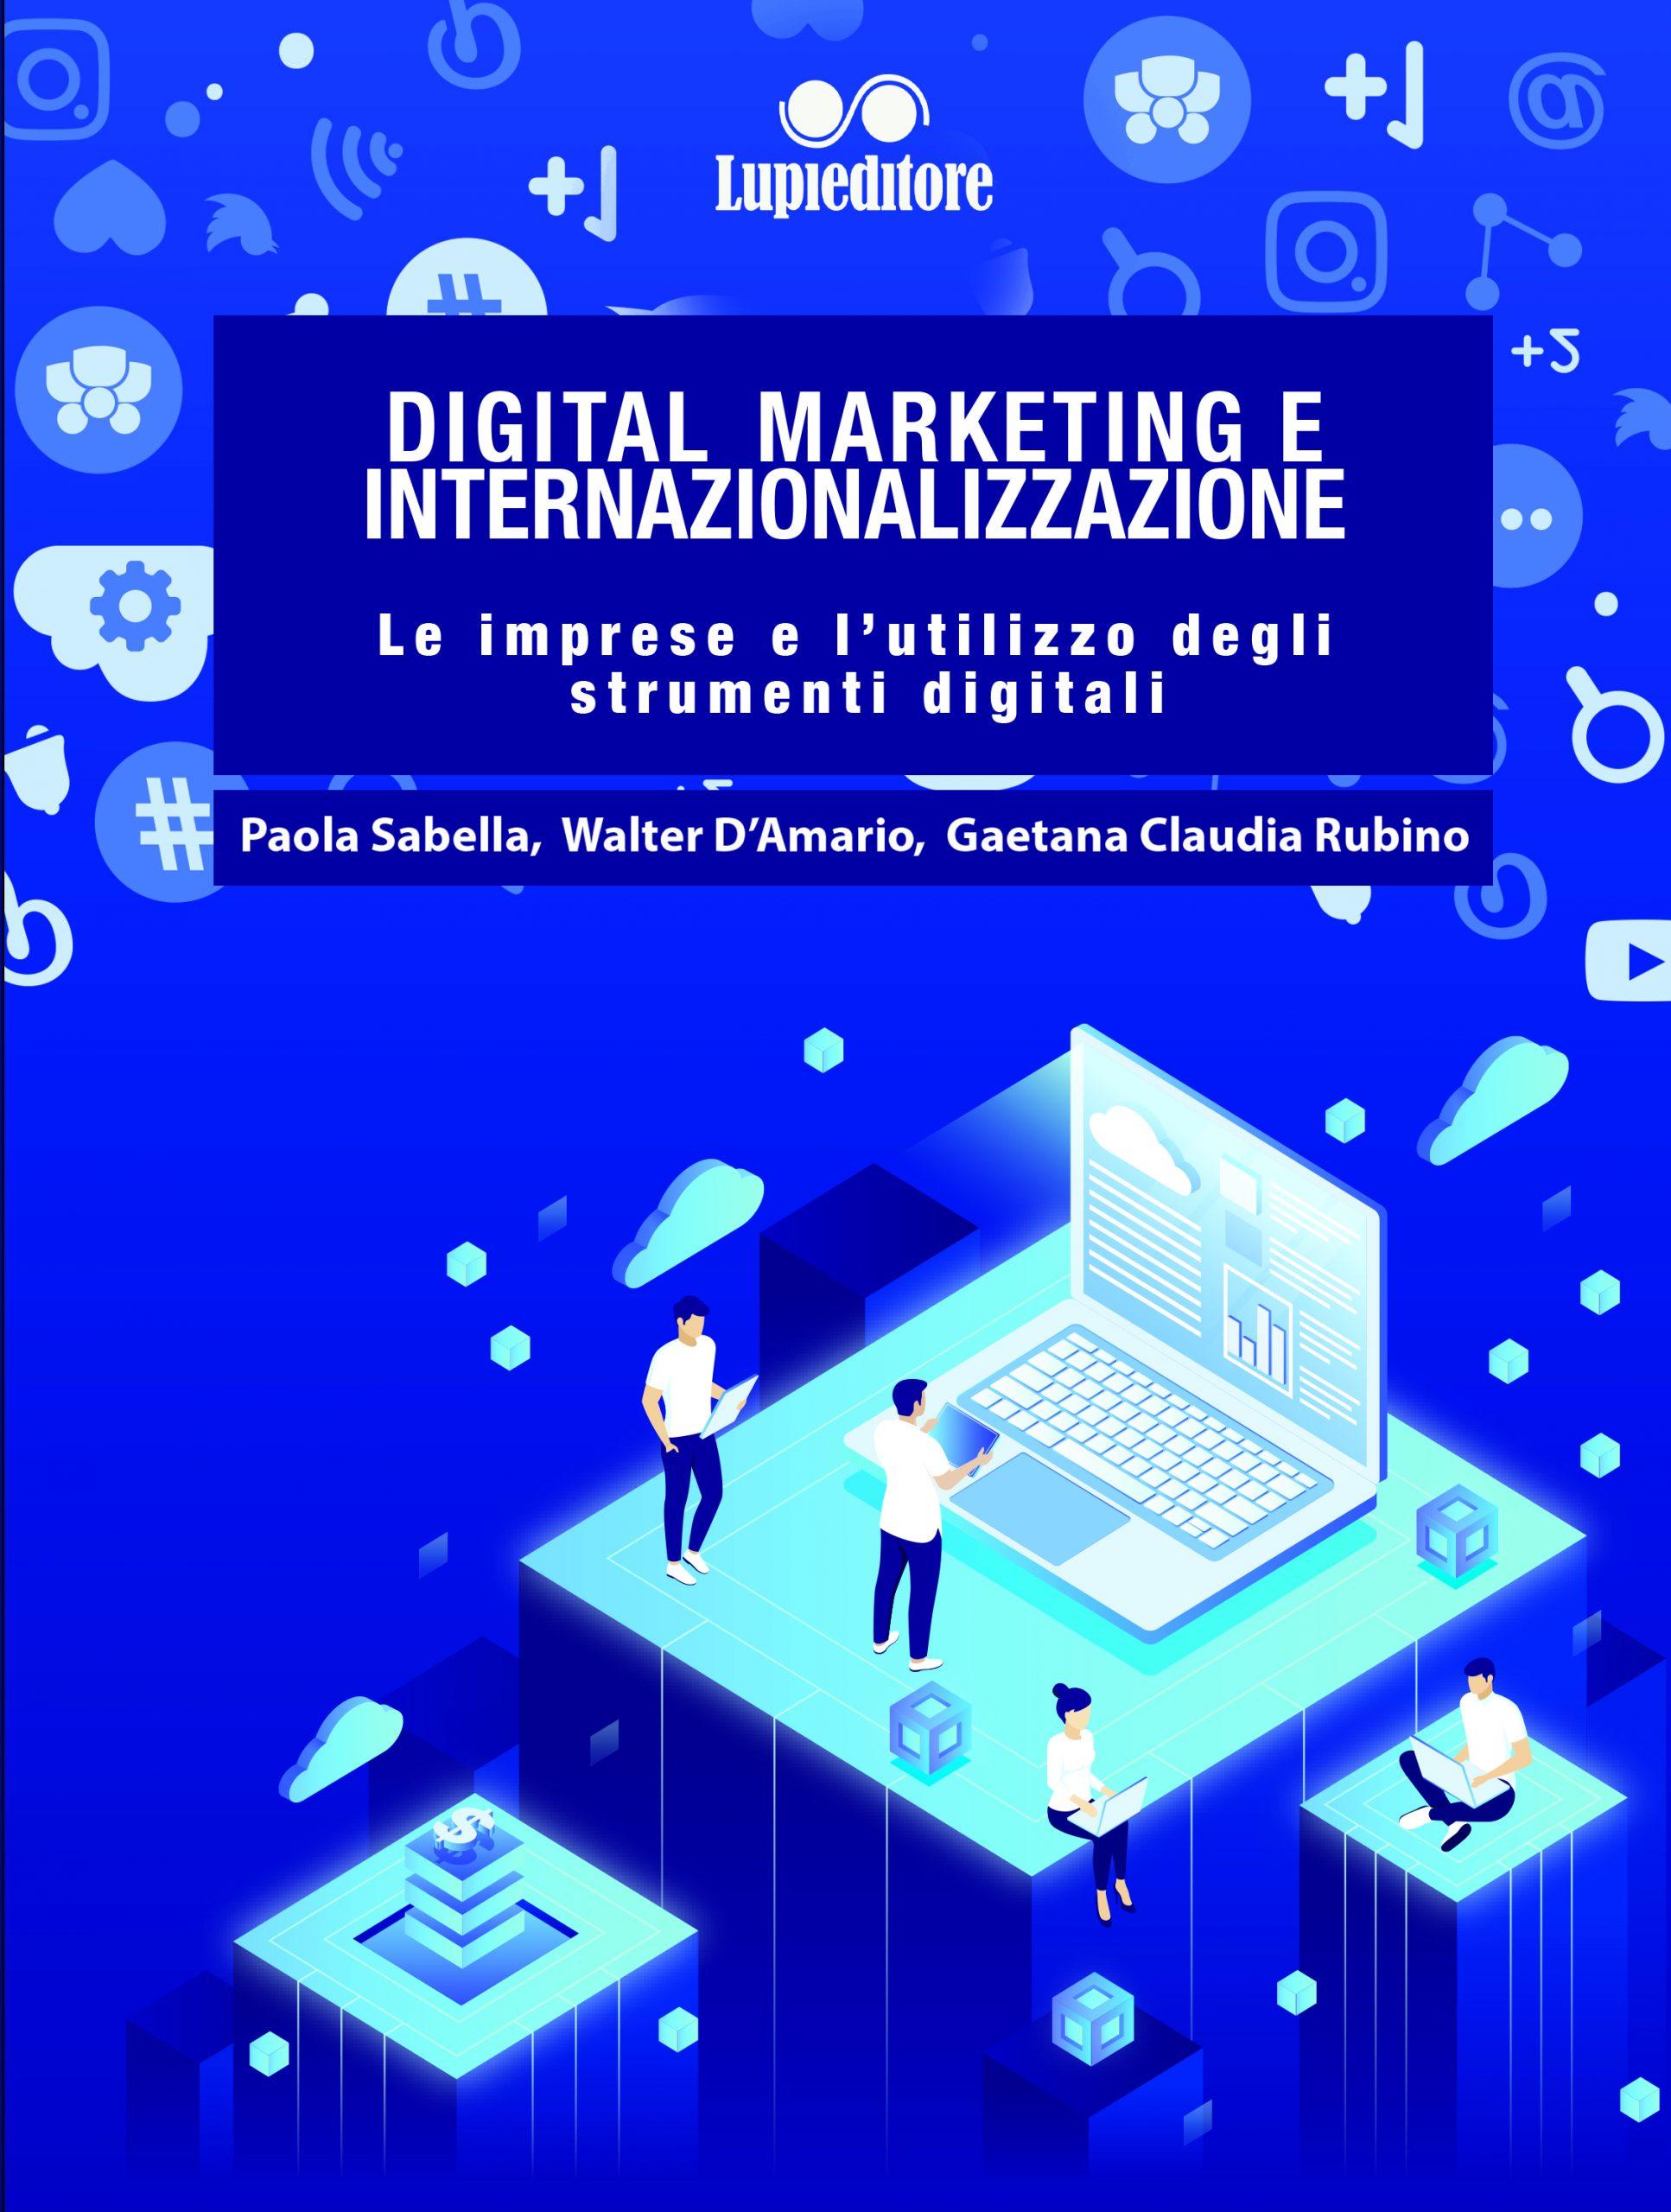 Digital marketing e internazionalizzazione